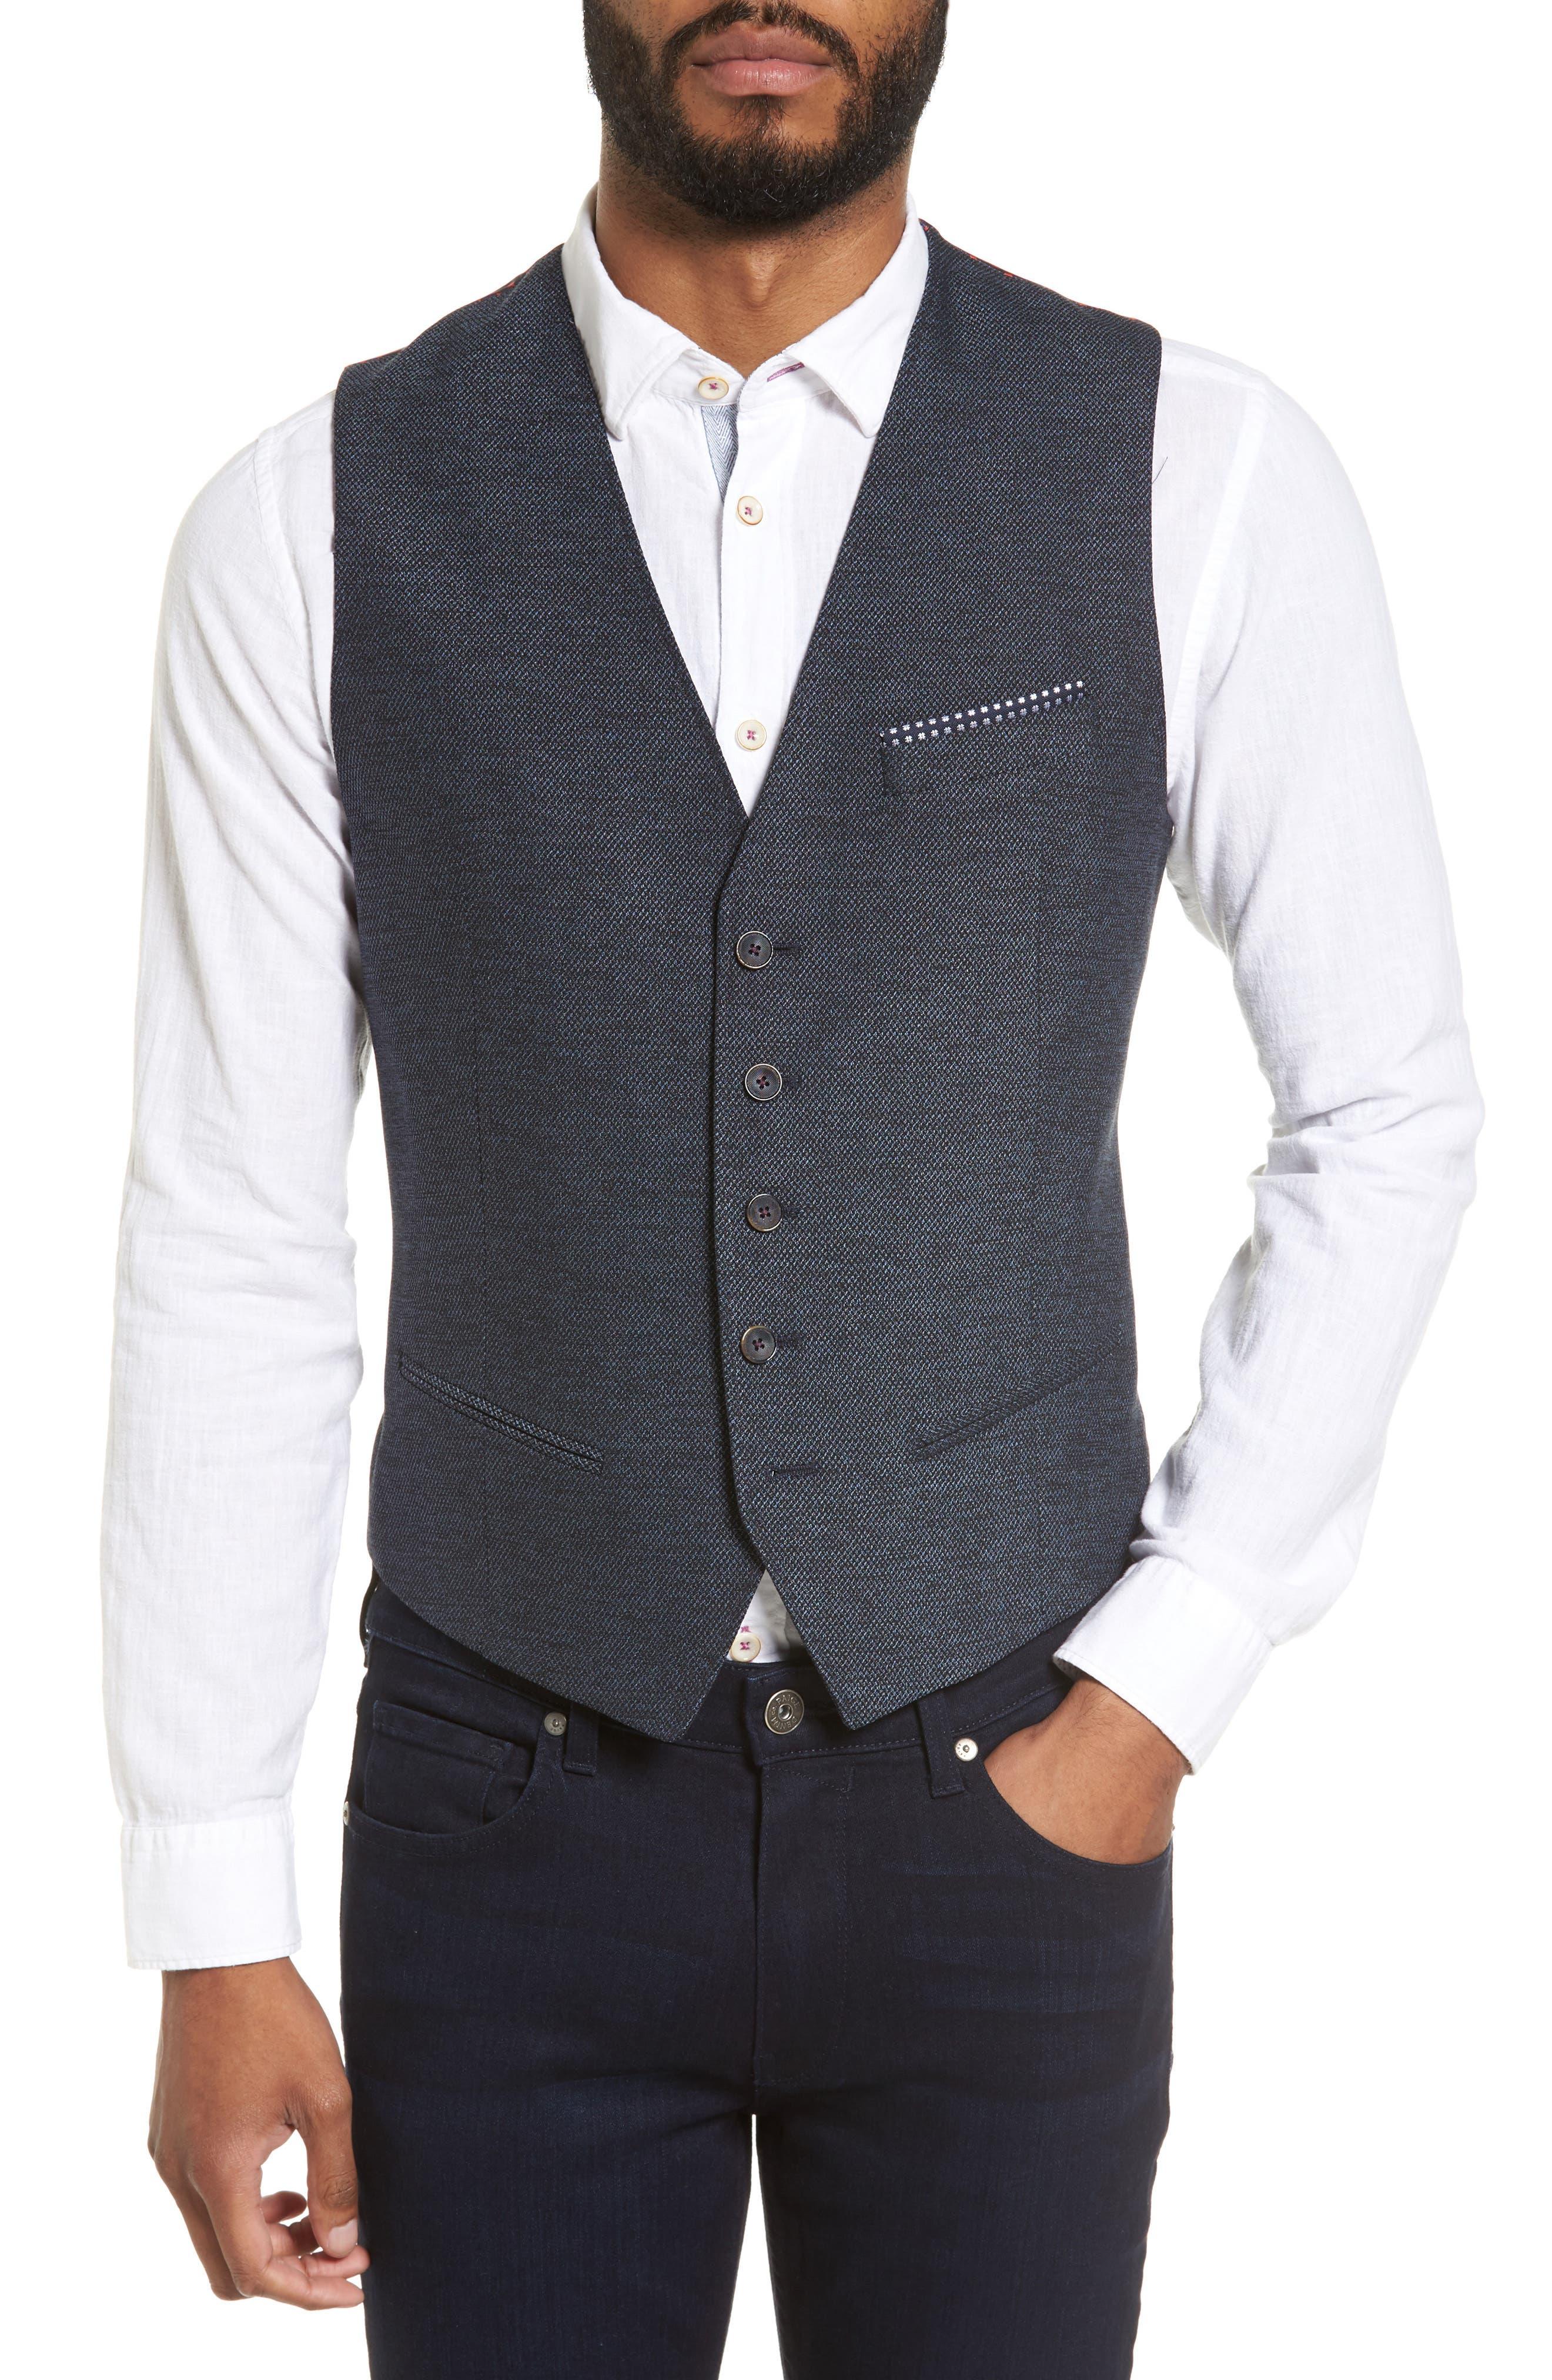 TED BAKER LONDON Portwai Semi Plain Vest